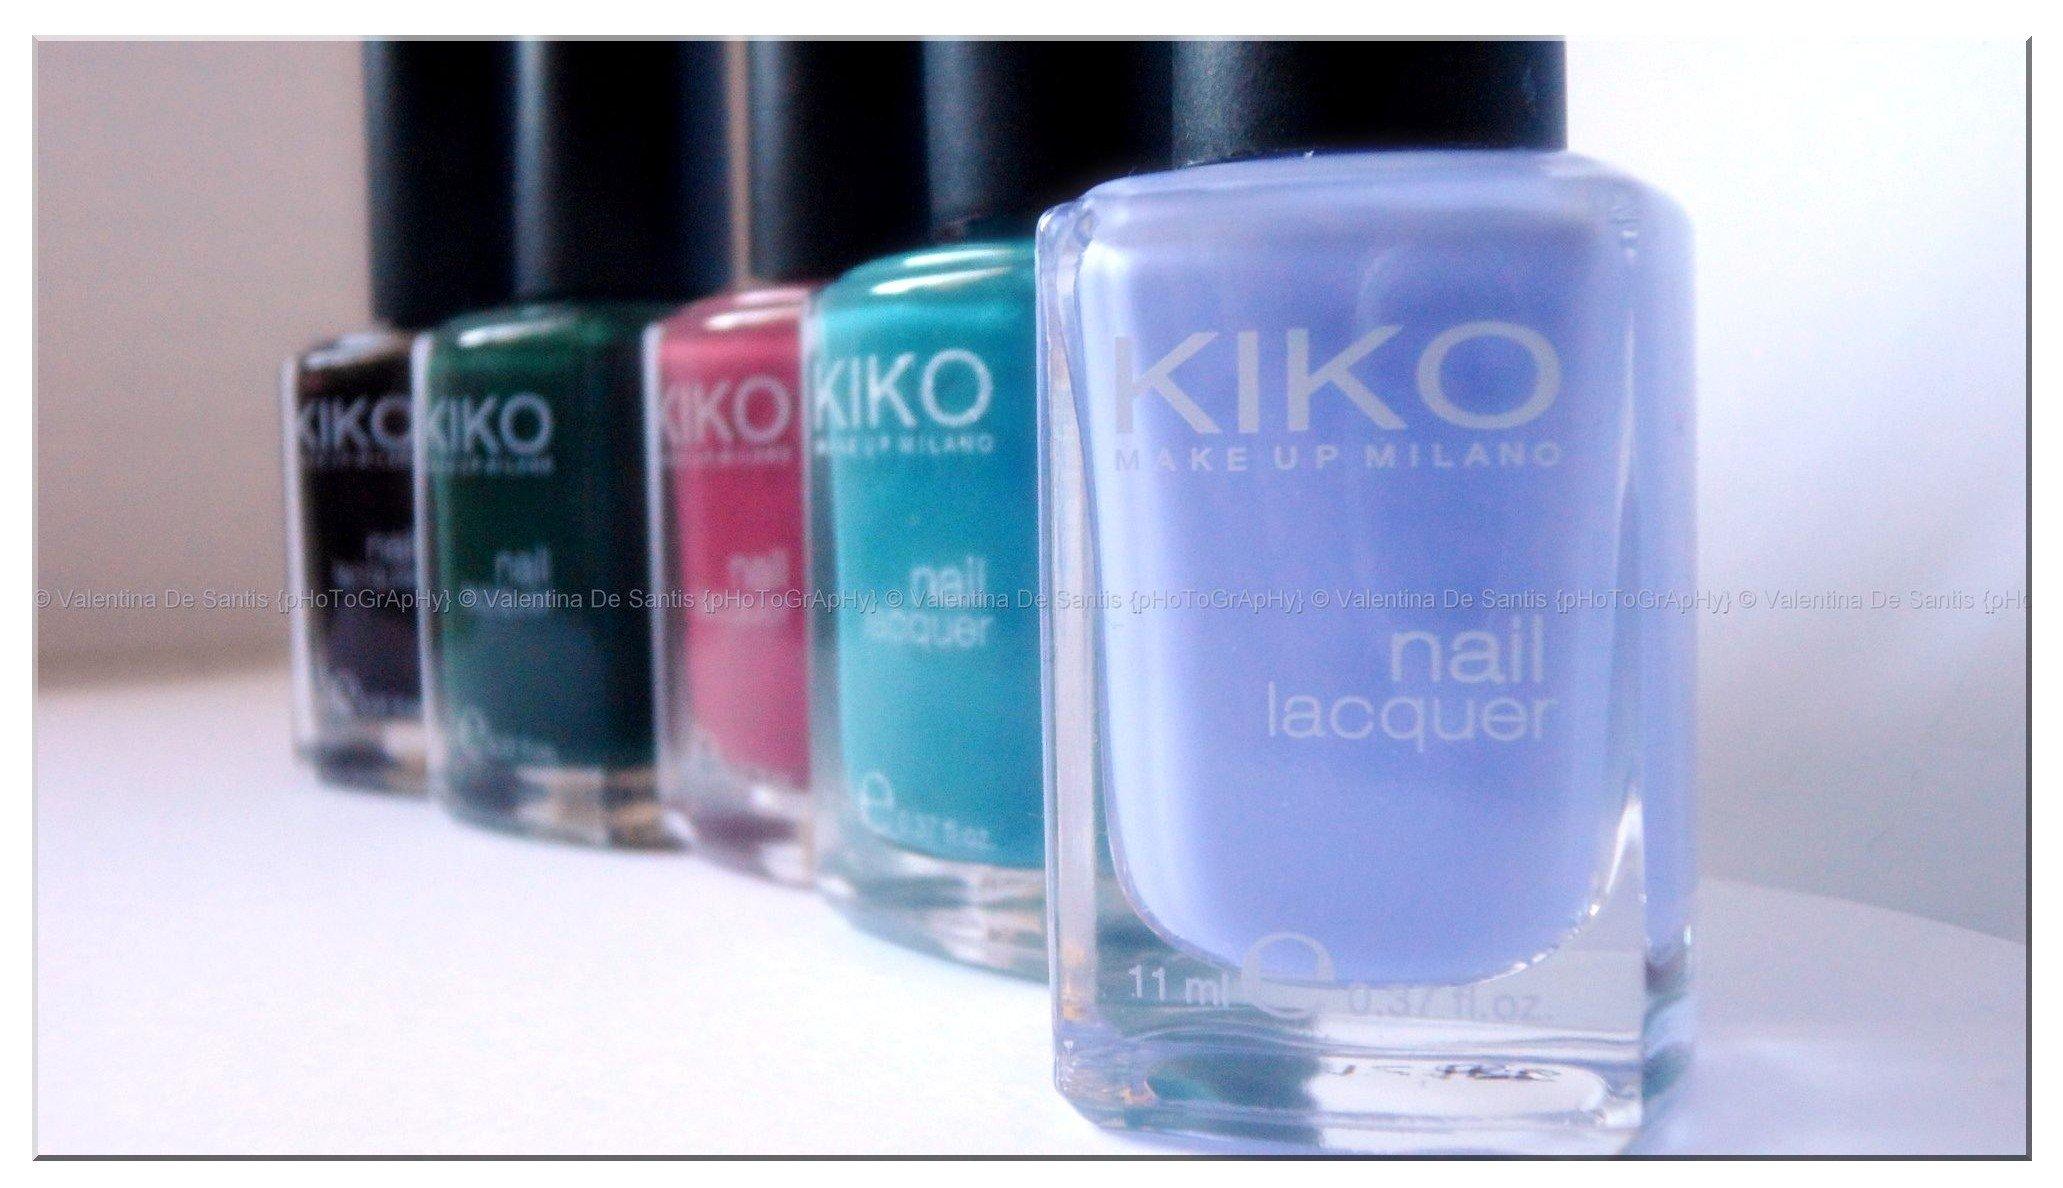 Unghie bicolori scratchate con il regalo di Kiko!